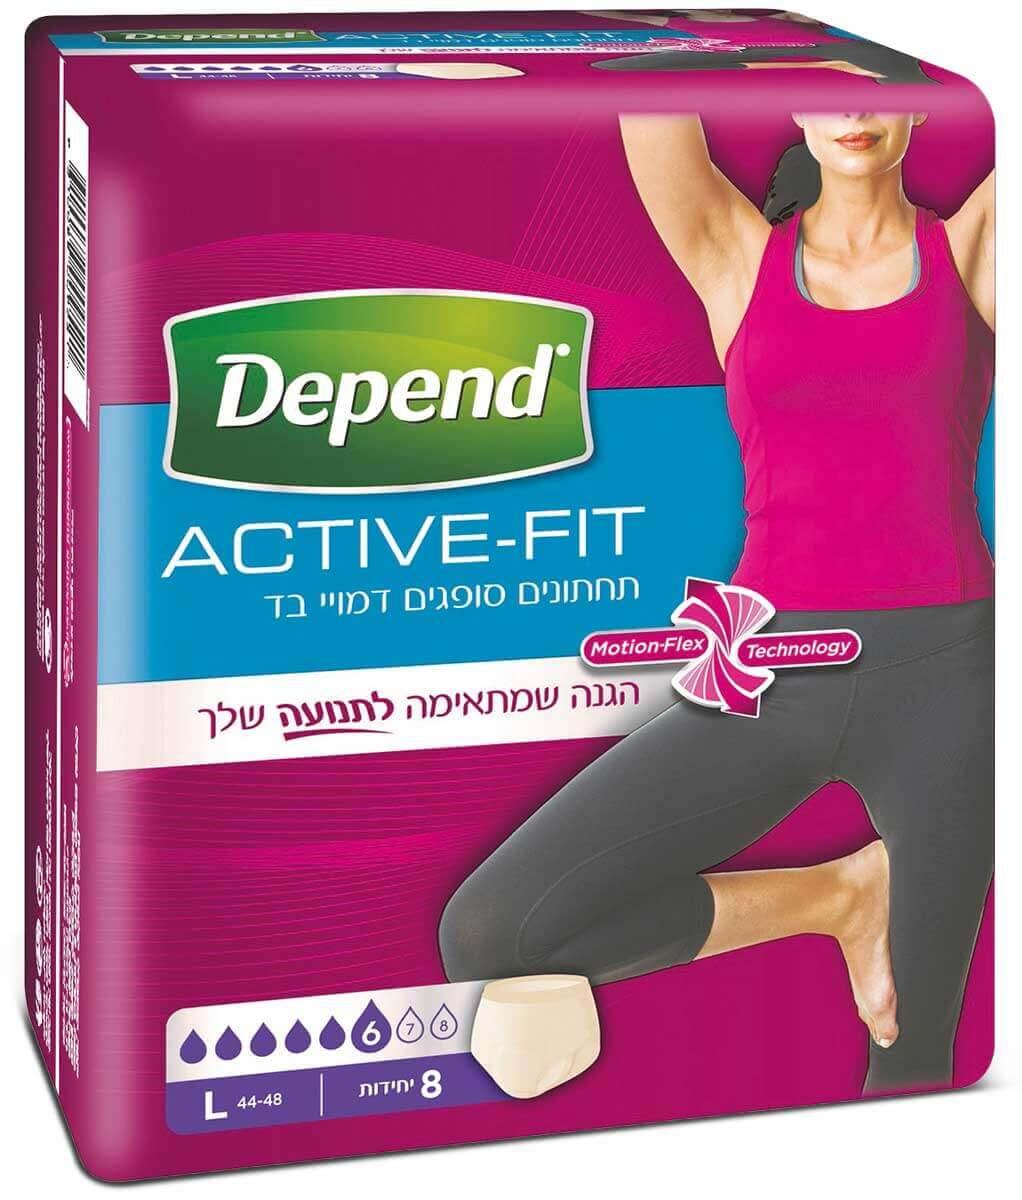 דיפנד תחתון סופג Active Fit נשים, מידה 44-48 Lתמונה של